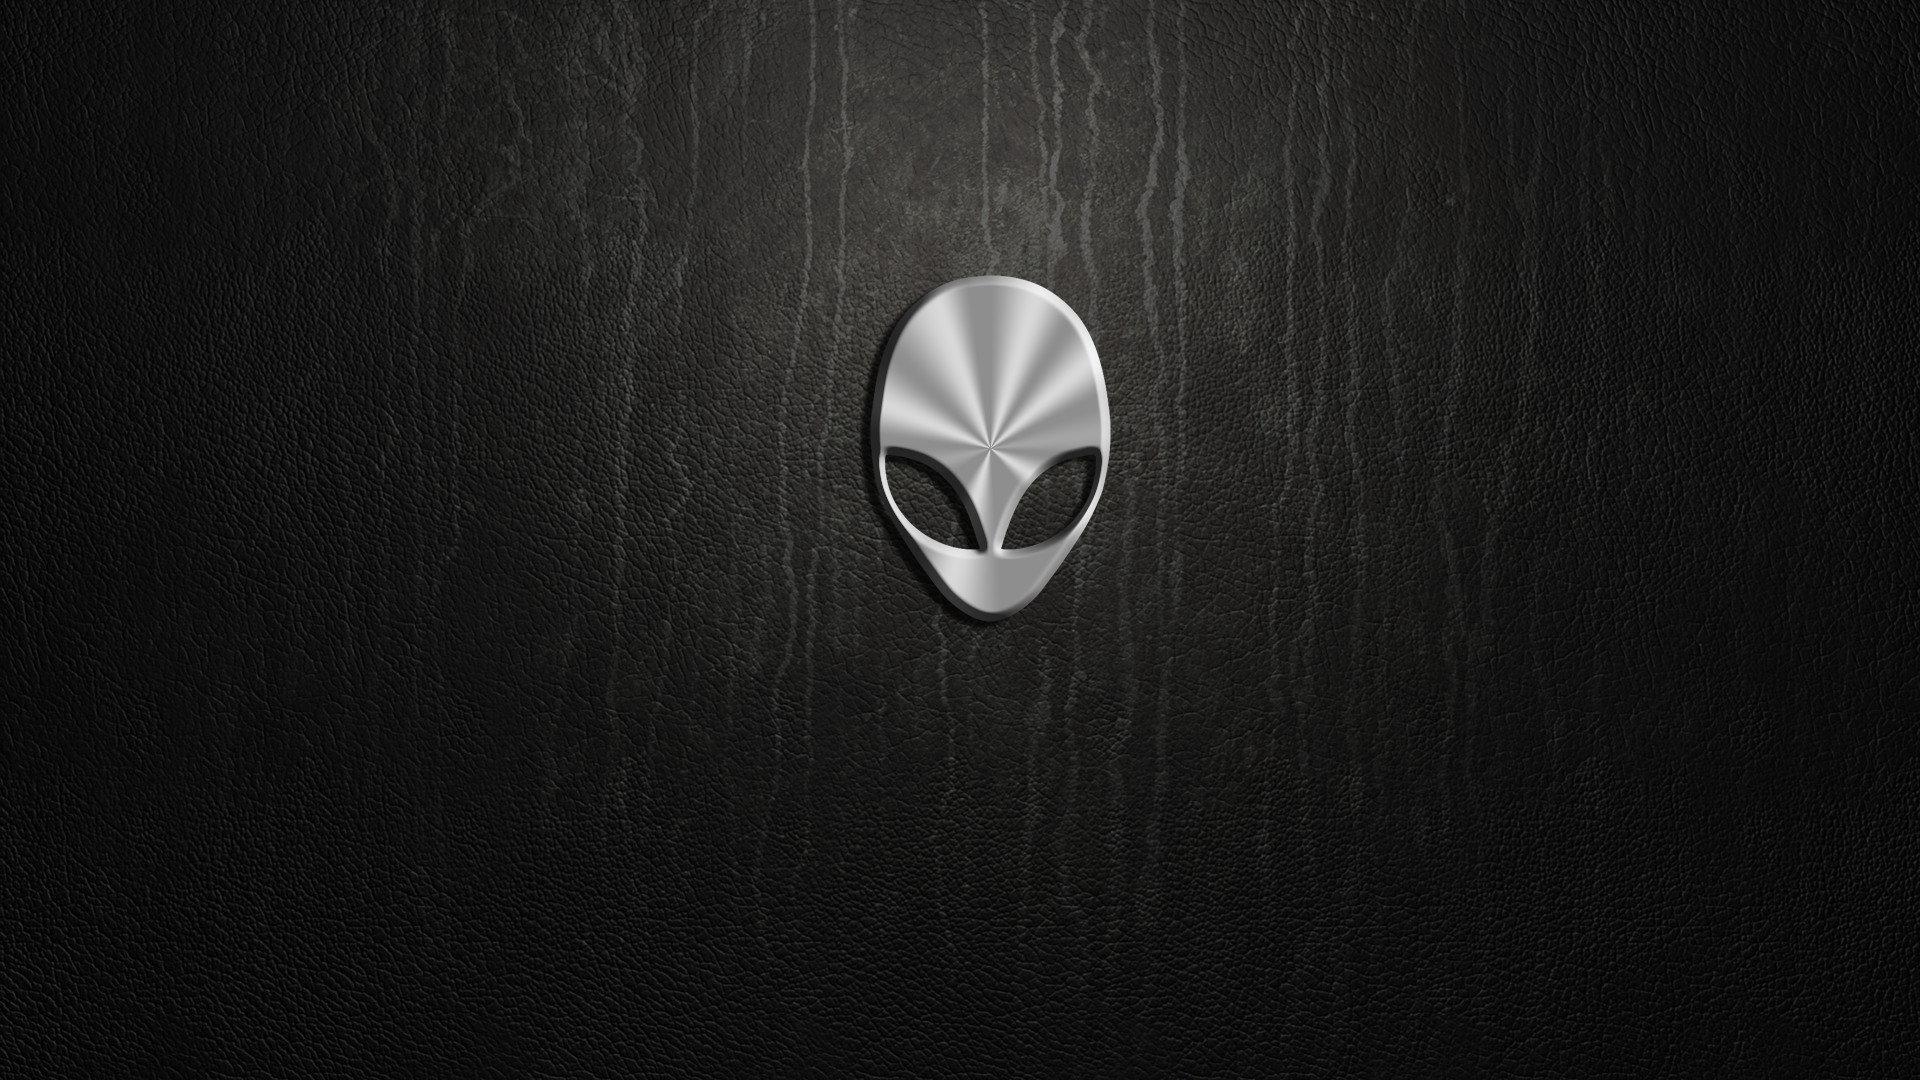 Alienware Wallpapers 1920x1080 Full Hd 1080p Desktop Backgrounds